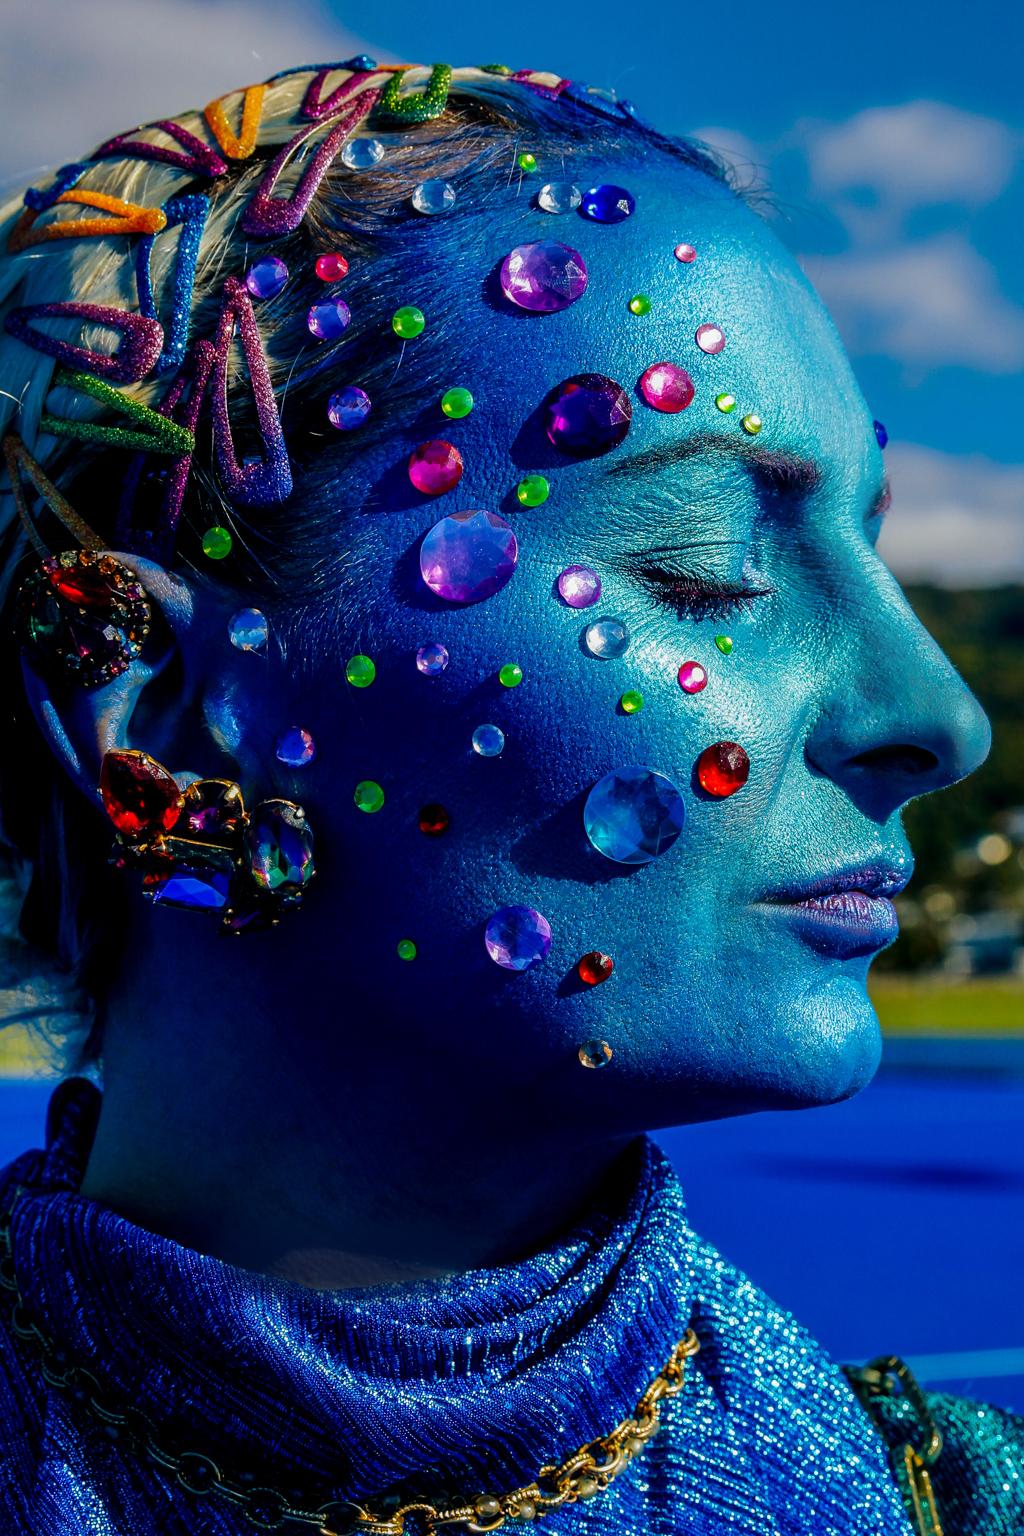 spaceoddity-bluesmoke2-web-5555.jpg